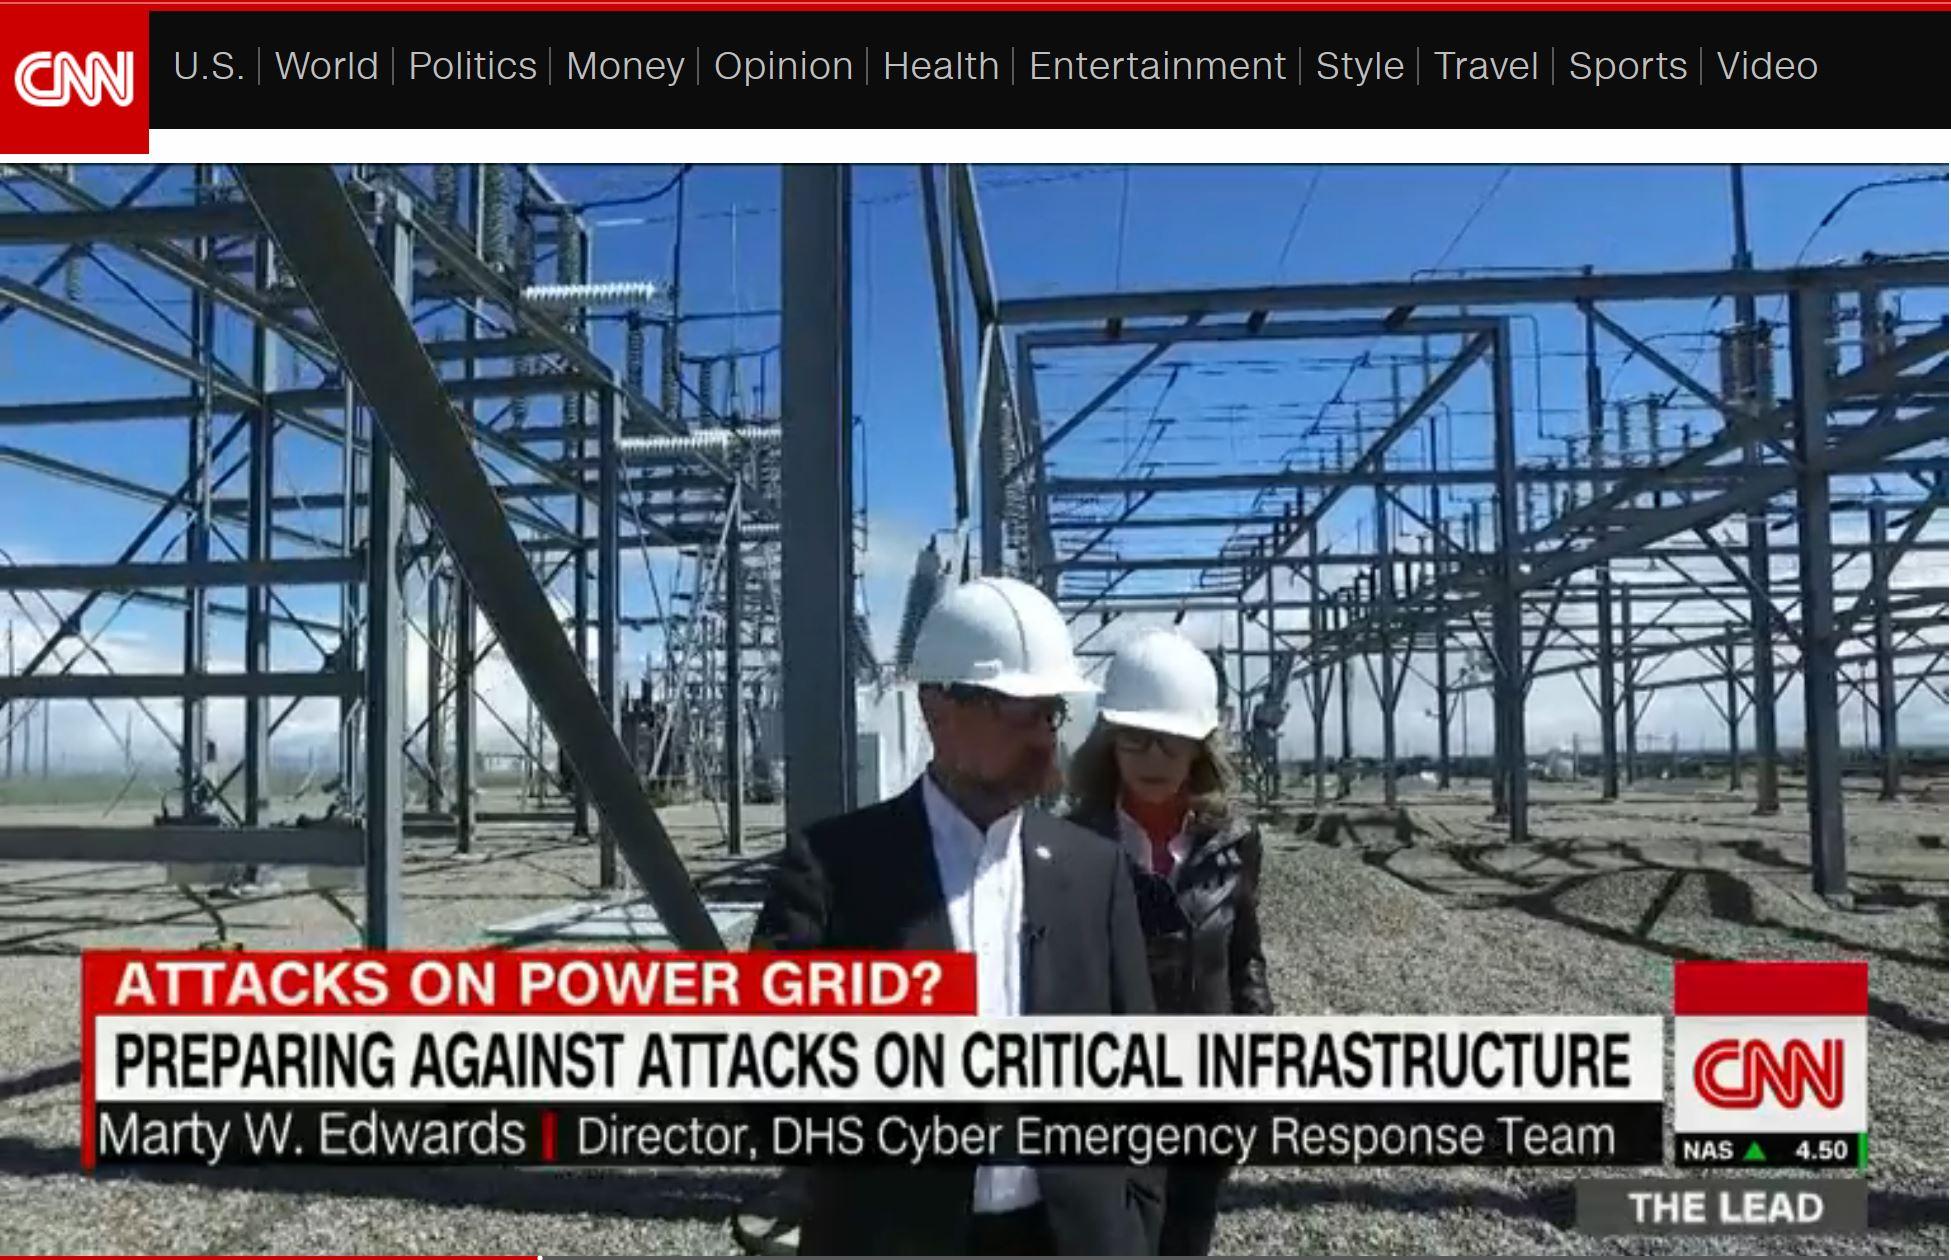 CNN report cyber security expert